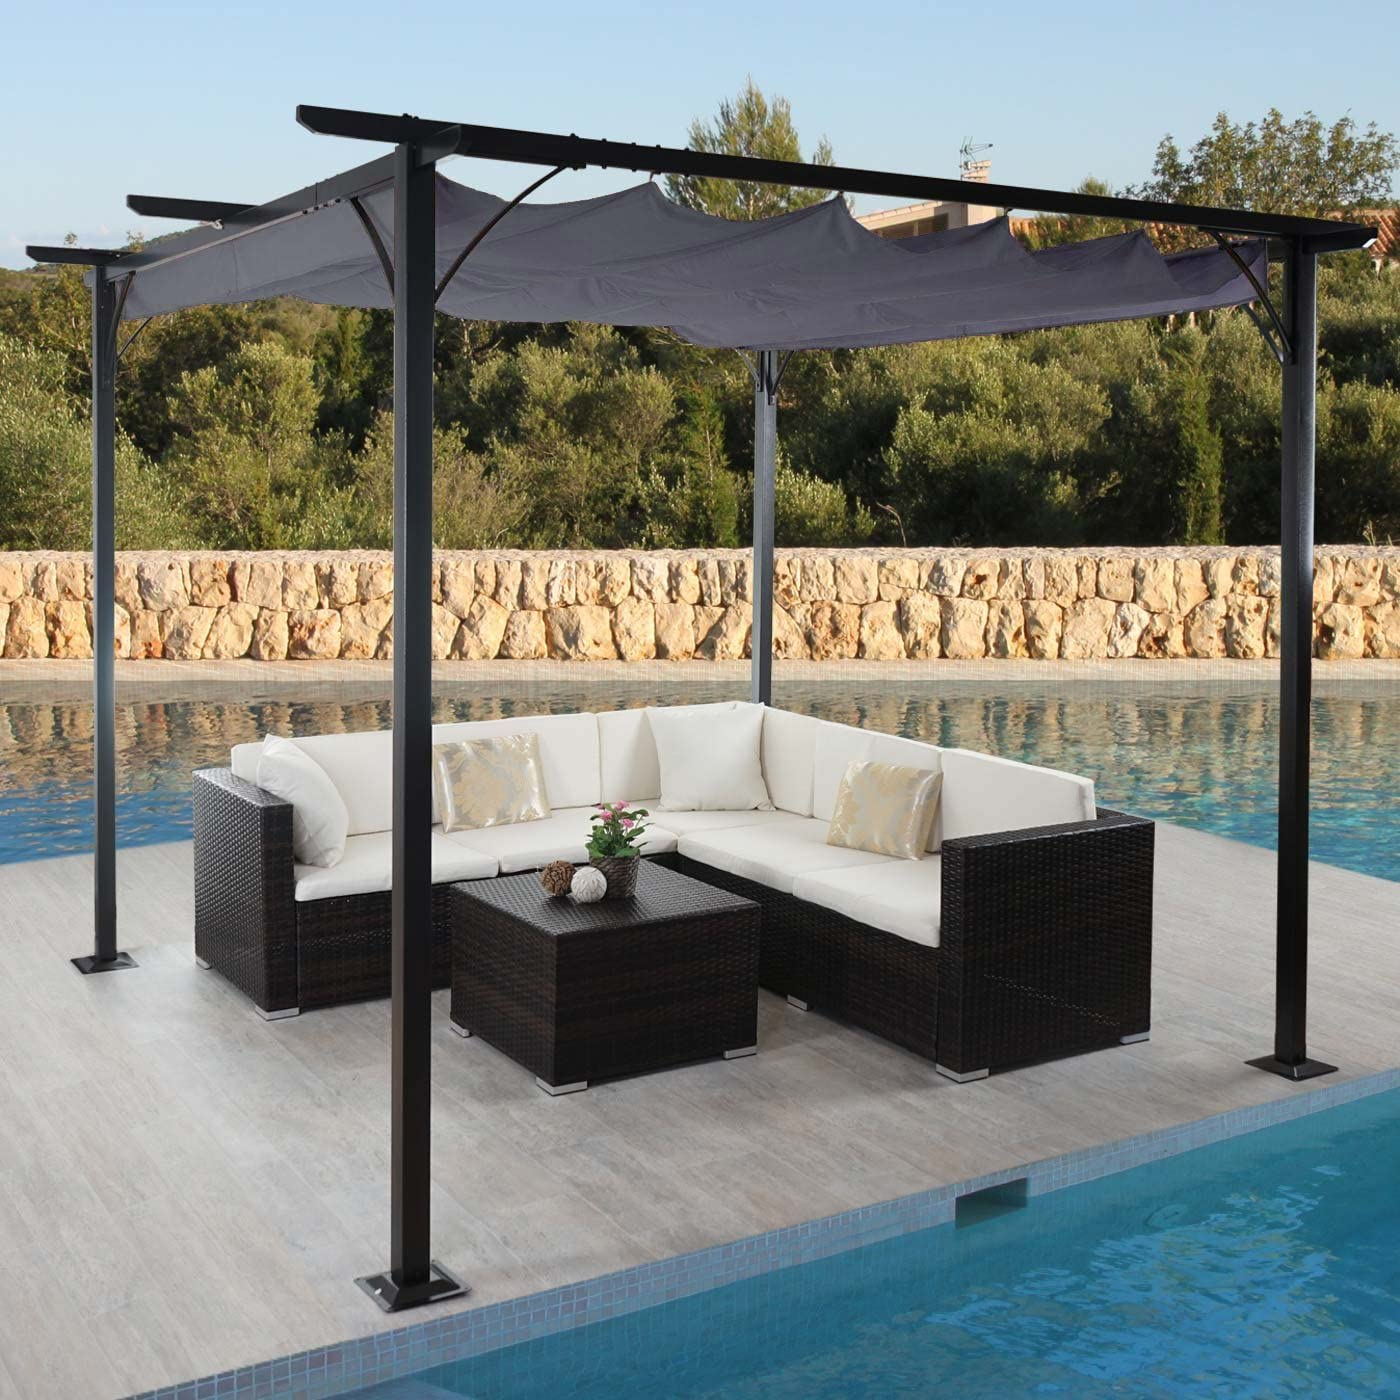 Mendler Pergola Avila, pabellón de jardín, Marco Estable con 6 cm + Techo Solar ~ 3 x 3 m Gris: Amazon.es: Hogar